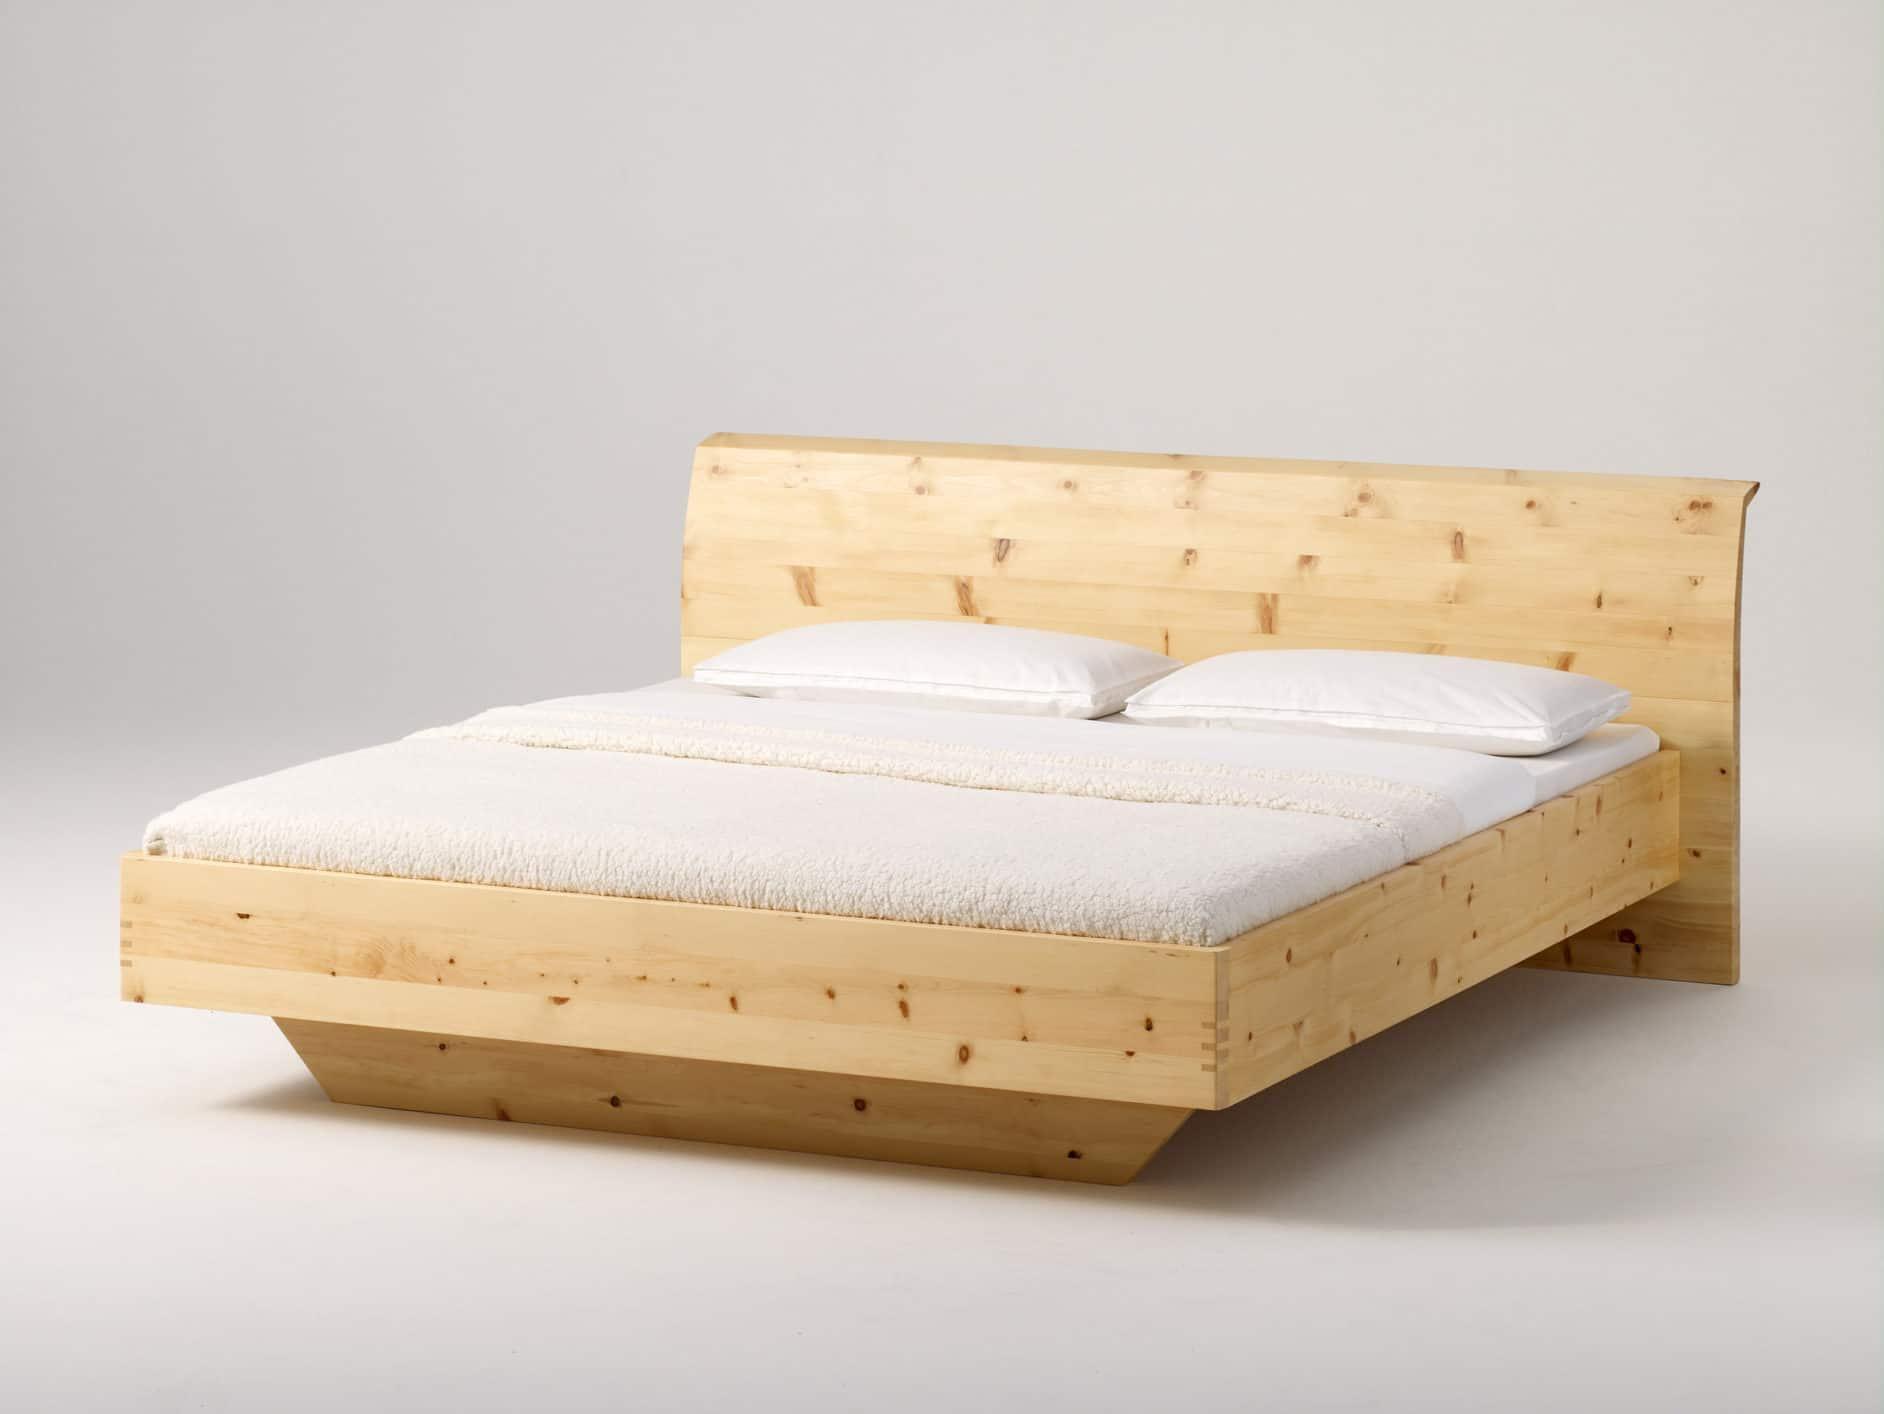 Full Size of Betten Archive Seite 4 Von Kohler Natrlich Einrichten Mädchen Amazon Schramm Kinder Aus Holz Mannheim Bei Ikea Xxl Dico Kaufen 140x200 Gebrauchte Ruf Mit Bett Team 7 Betten